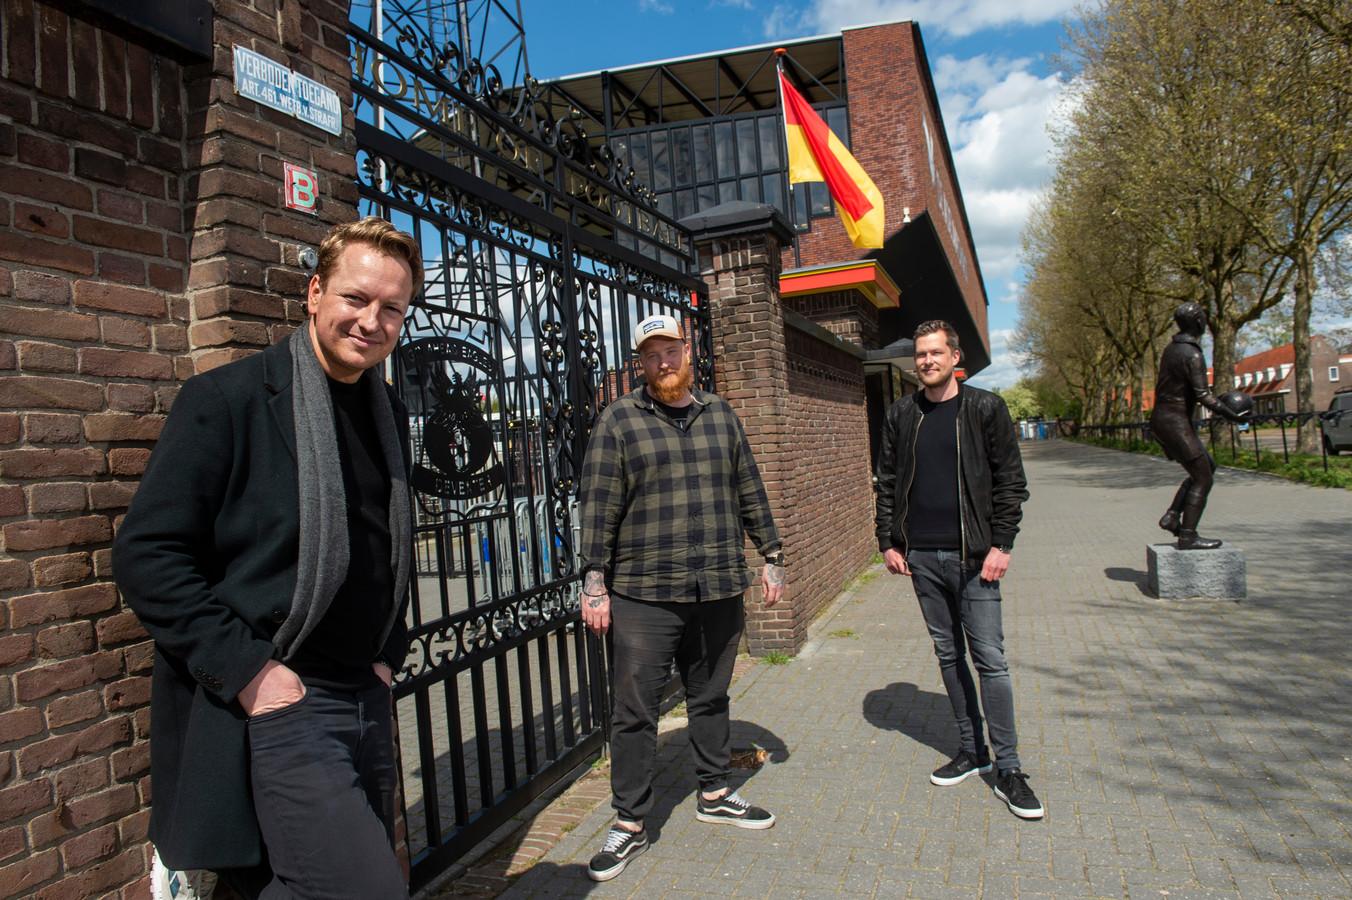 De makers van de podcast, vlnr. Bas Klaassen, Wim Sneller en Roy Heethaar, bij stadion de Adelaarshorst.